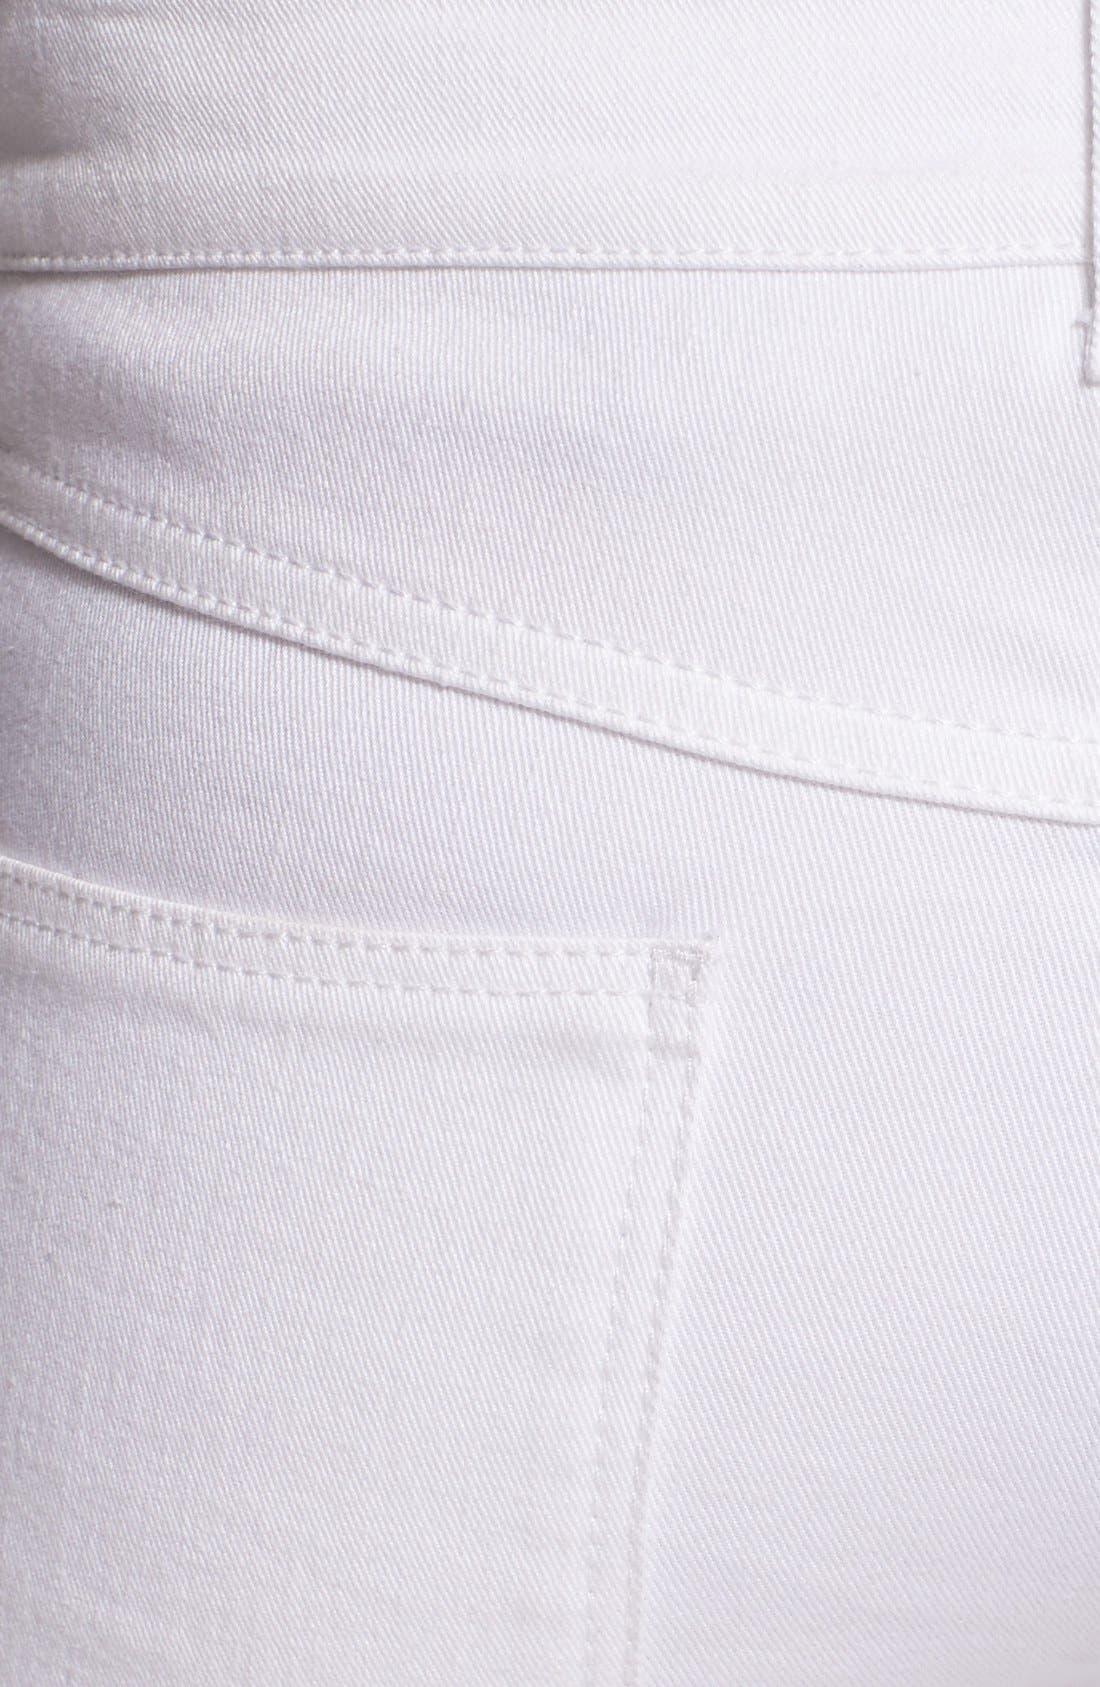 Alternate Image 3  - Alexander McQueen Zip Detail Skinny Ankle Jeans